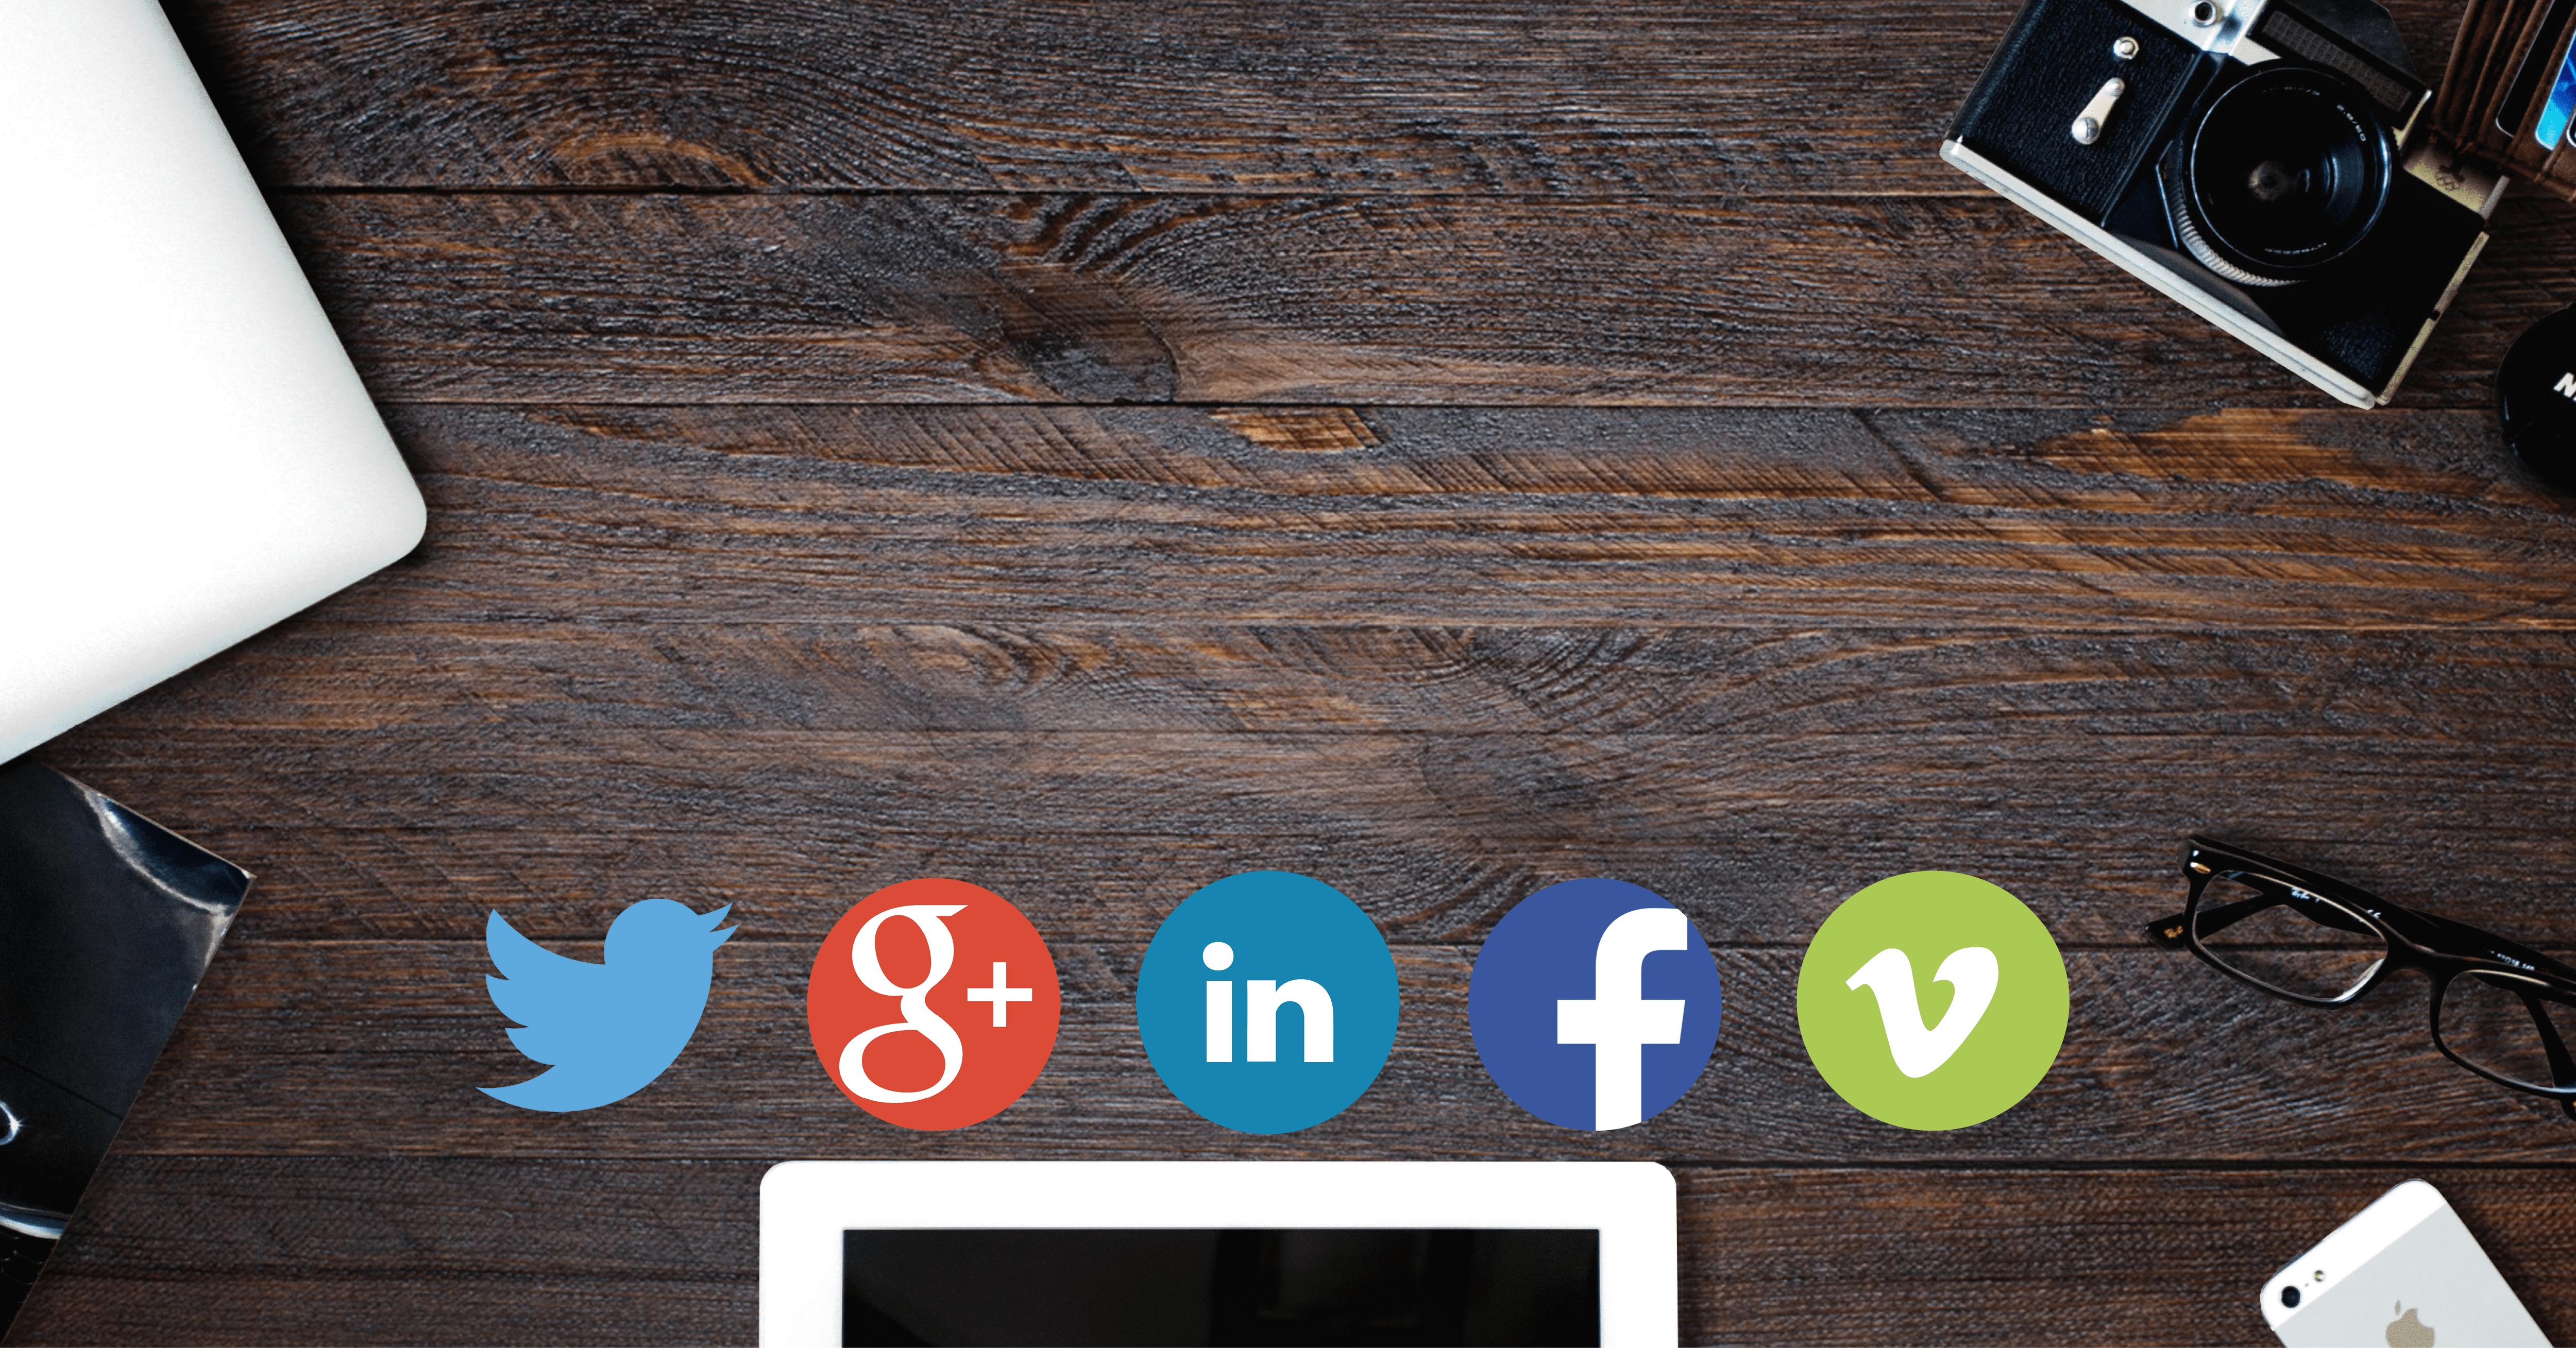 heb jij kennis van social online advertising heb jij passie voor online marketing ben je altijd op zoek naar de nieuwste mogelijkheden en zit - Online Advertising Specialist